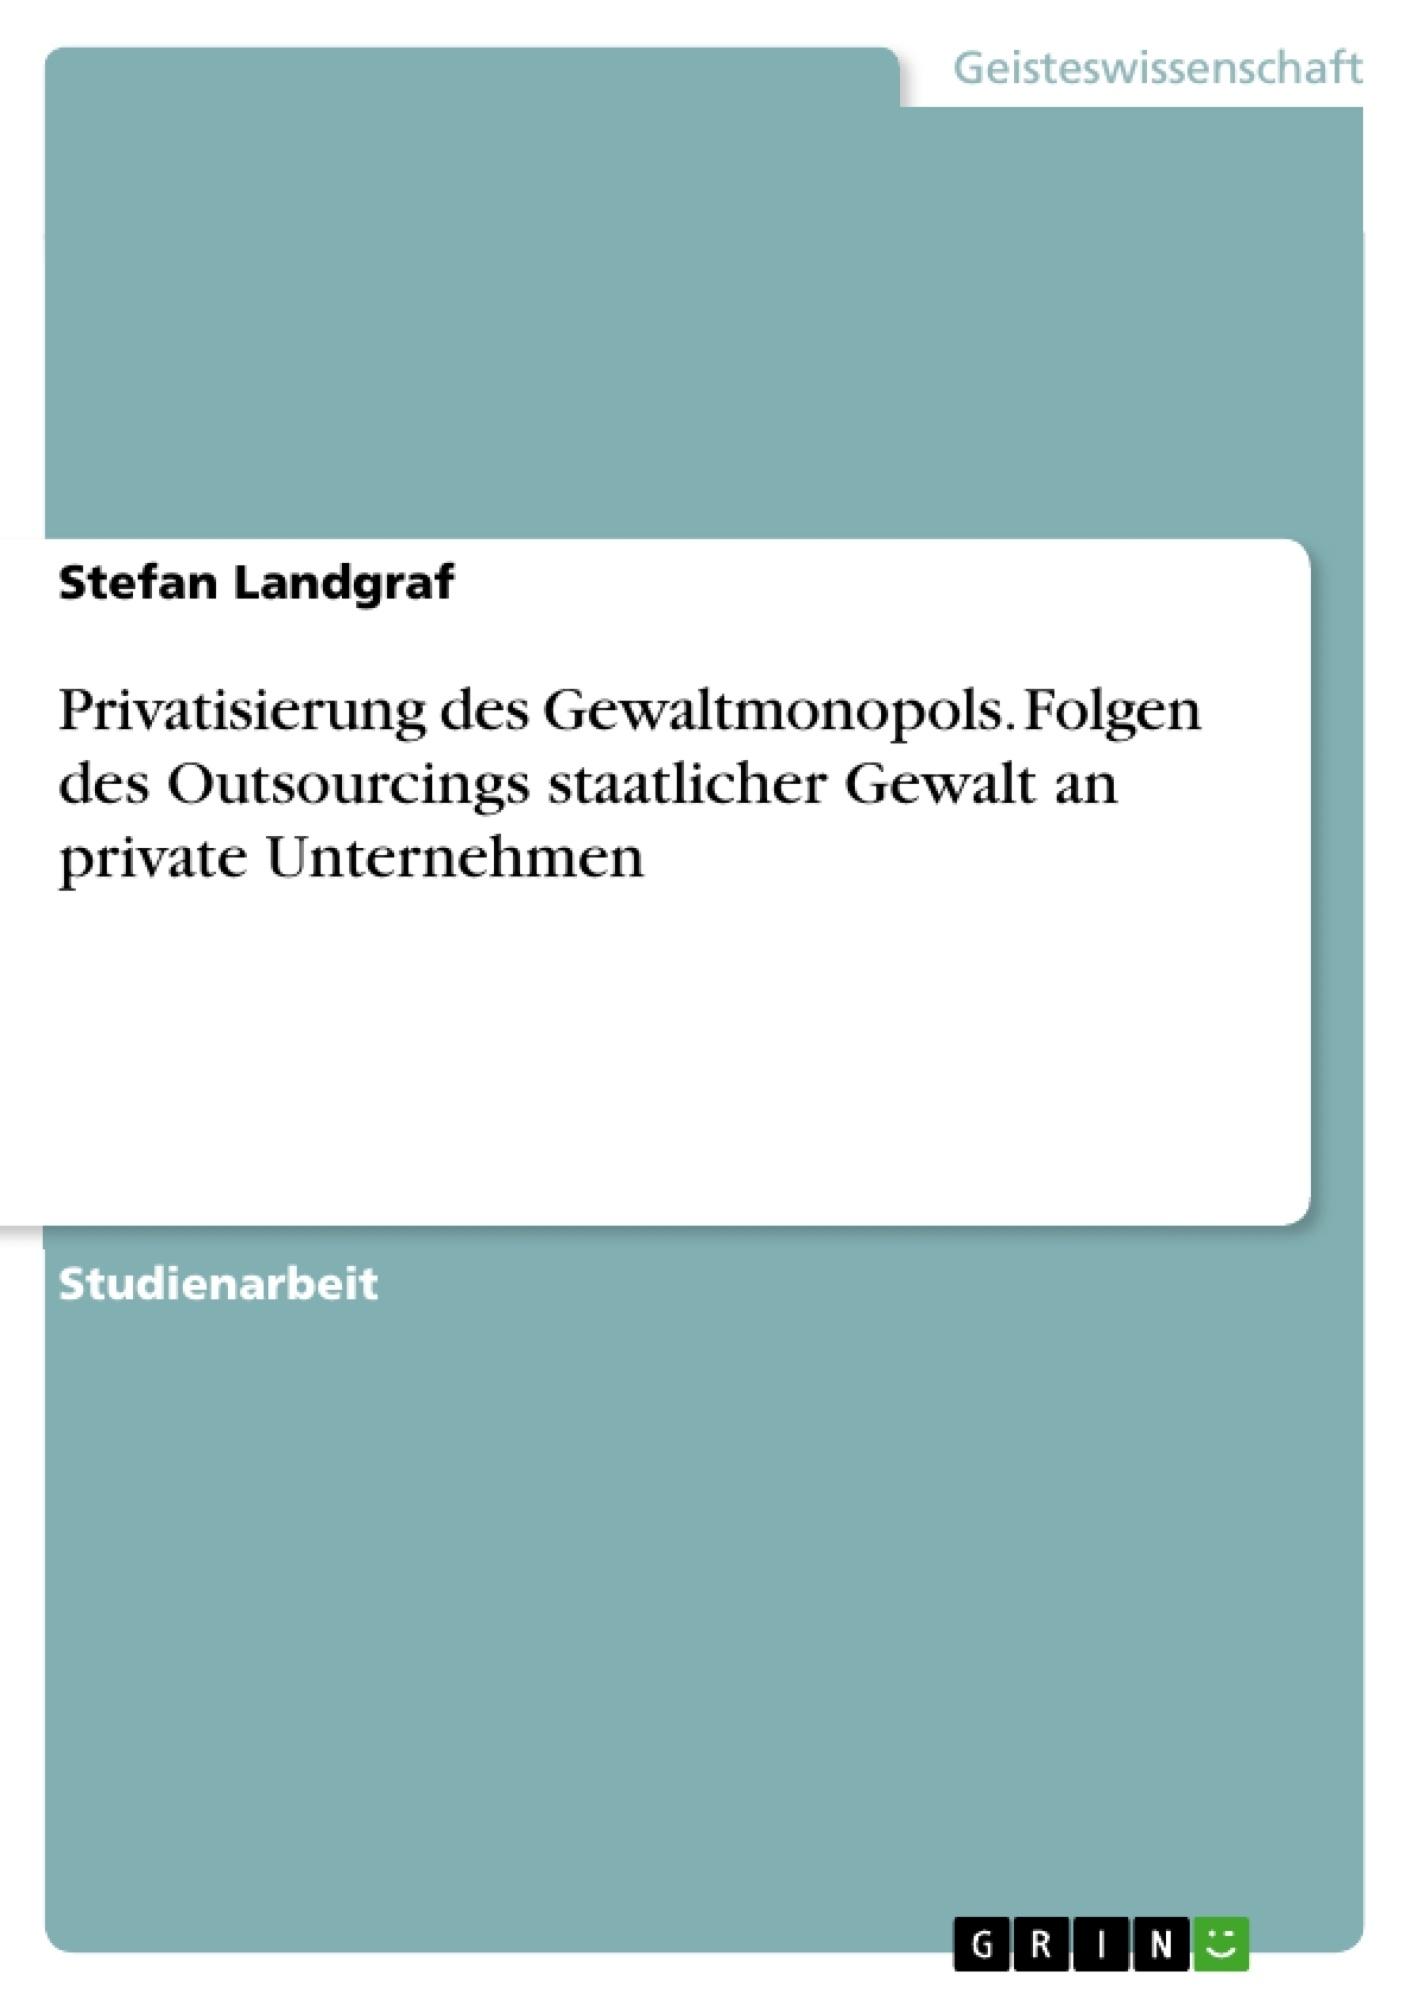 Titel: Privatisierung des Gewaltmonopols. Folgen des Outsourcings staatlicher Gewalt an private Unternehmen